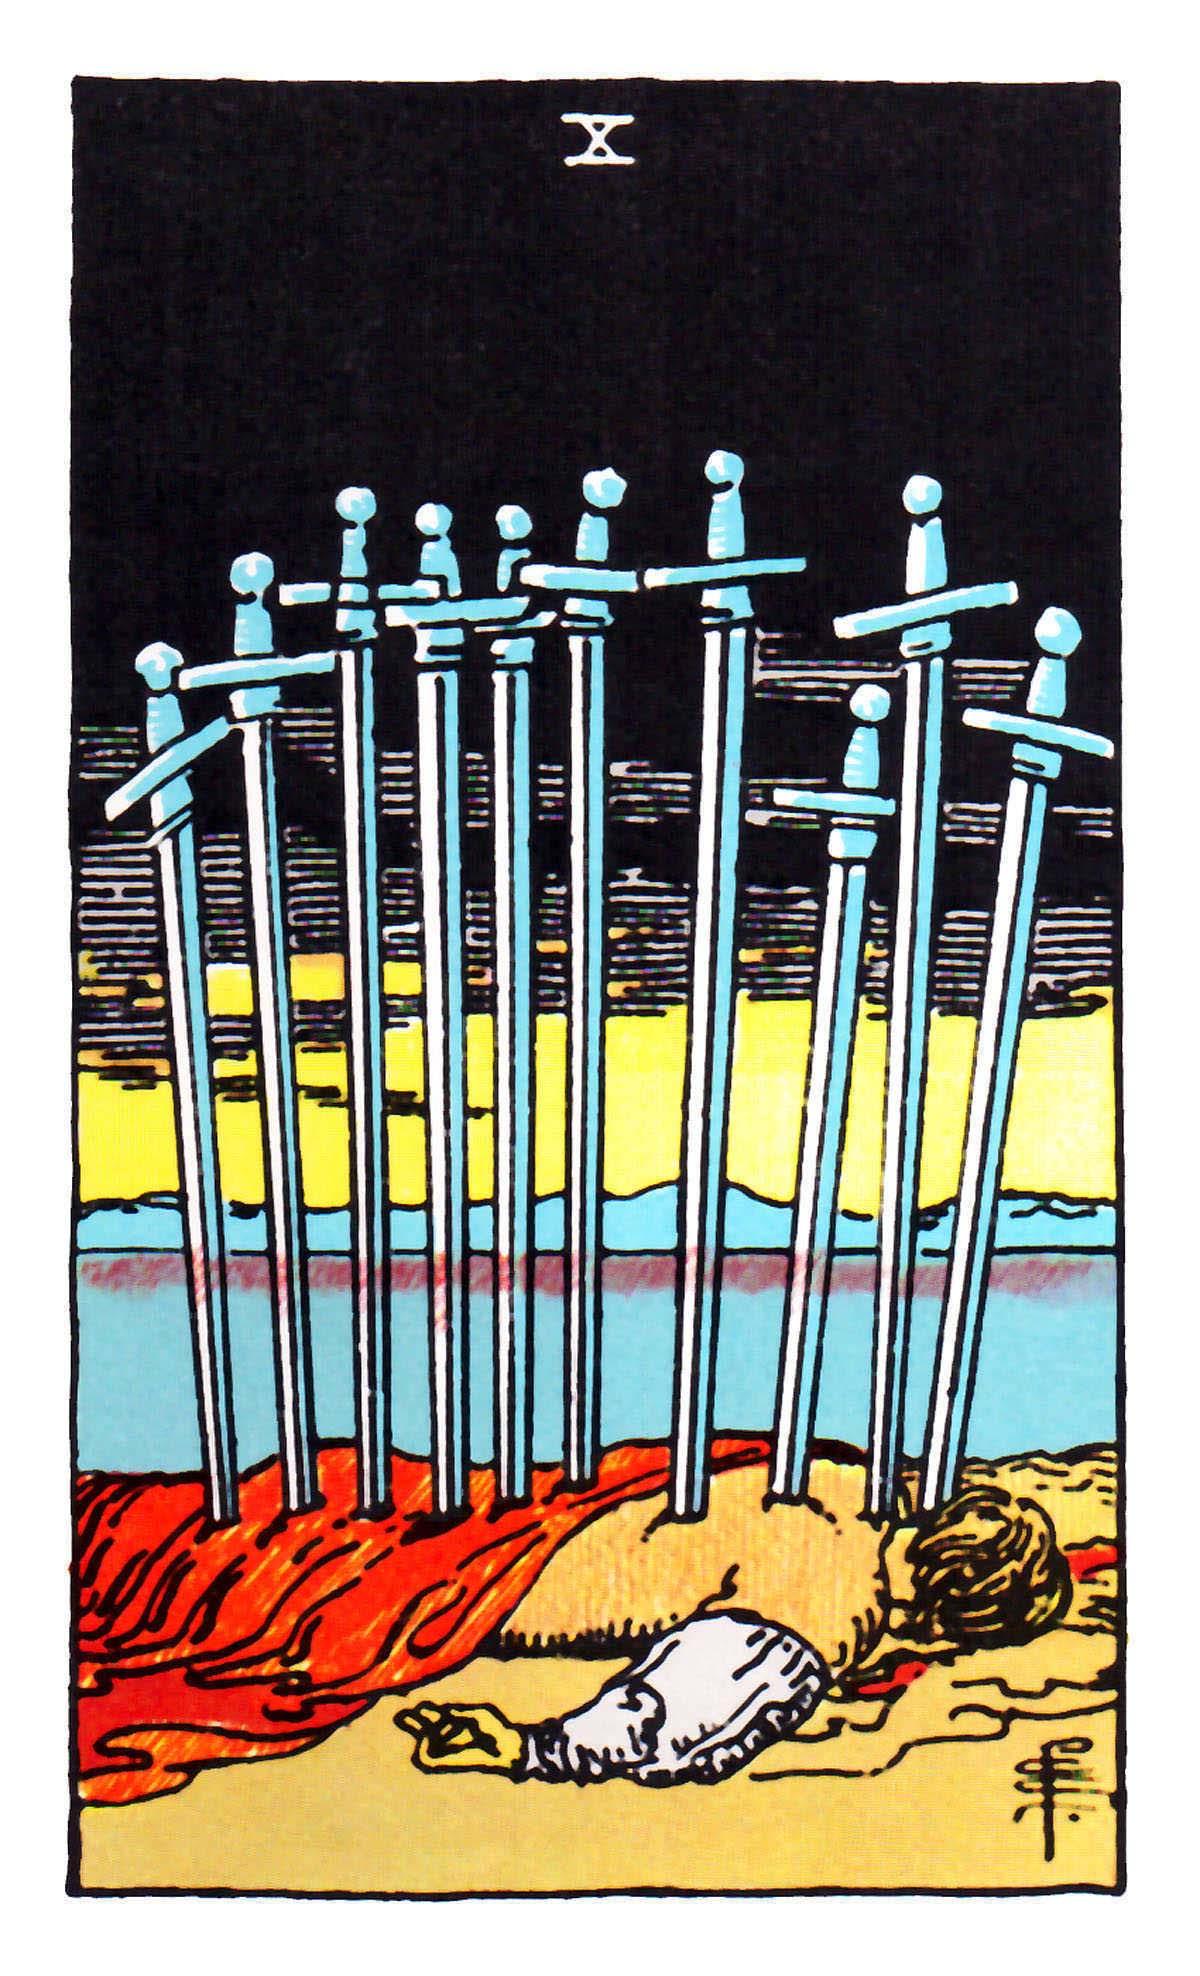 寶劍十 Ten of Swords 塔羅牌牌意